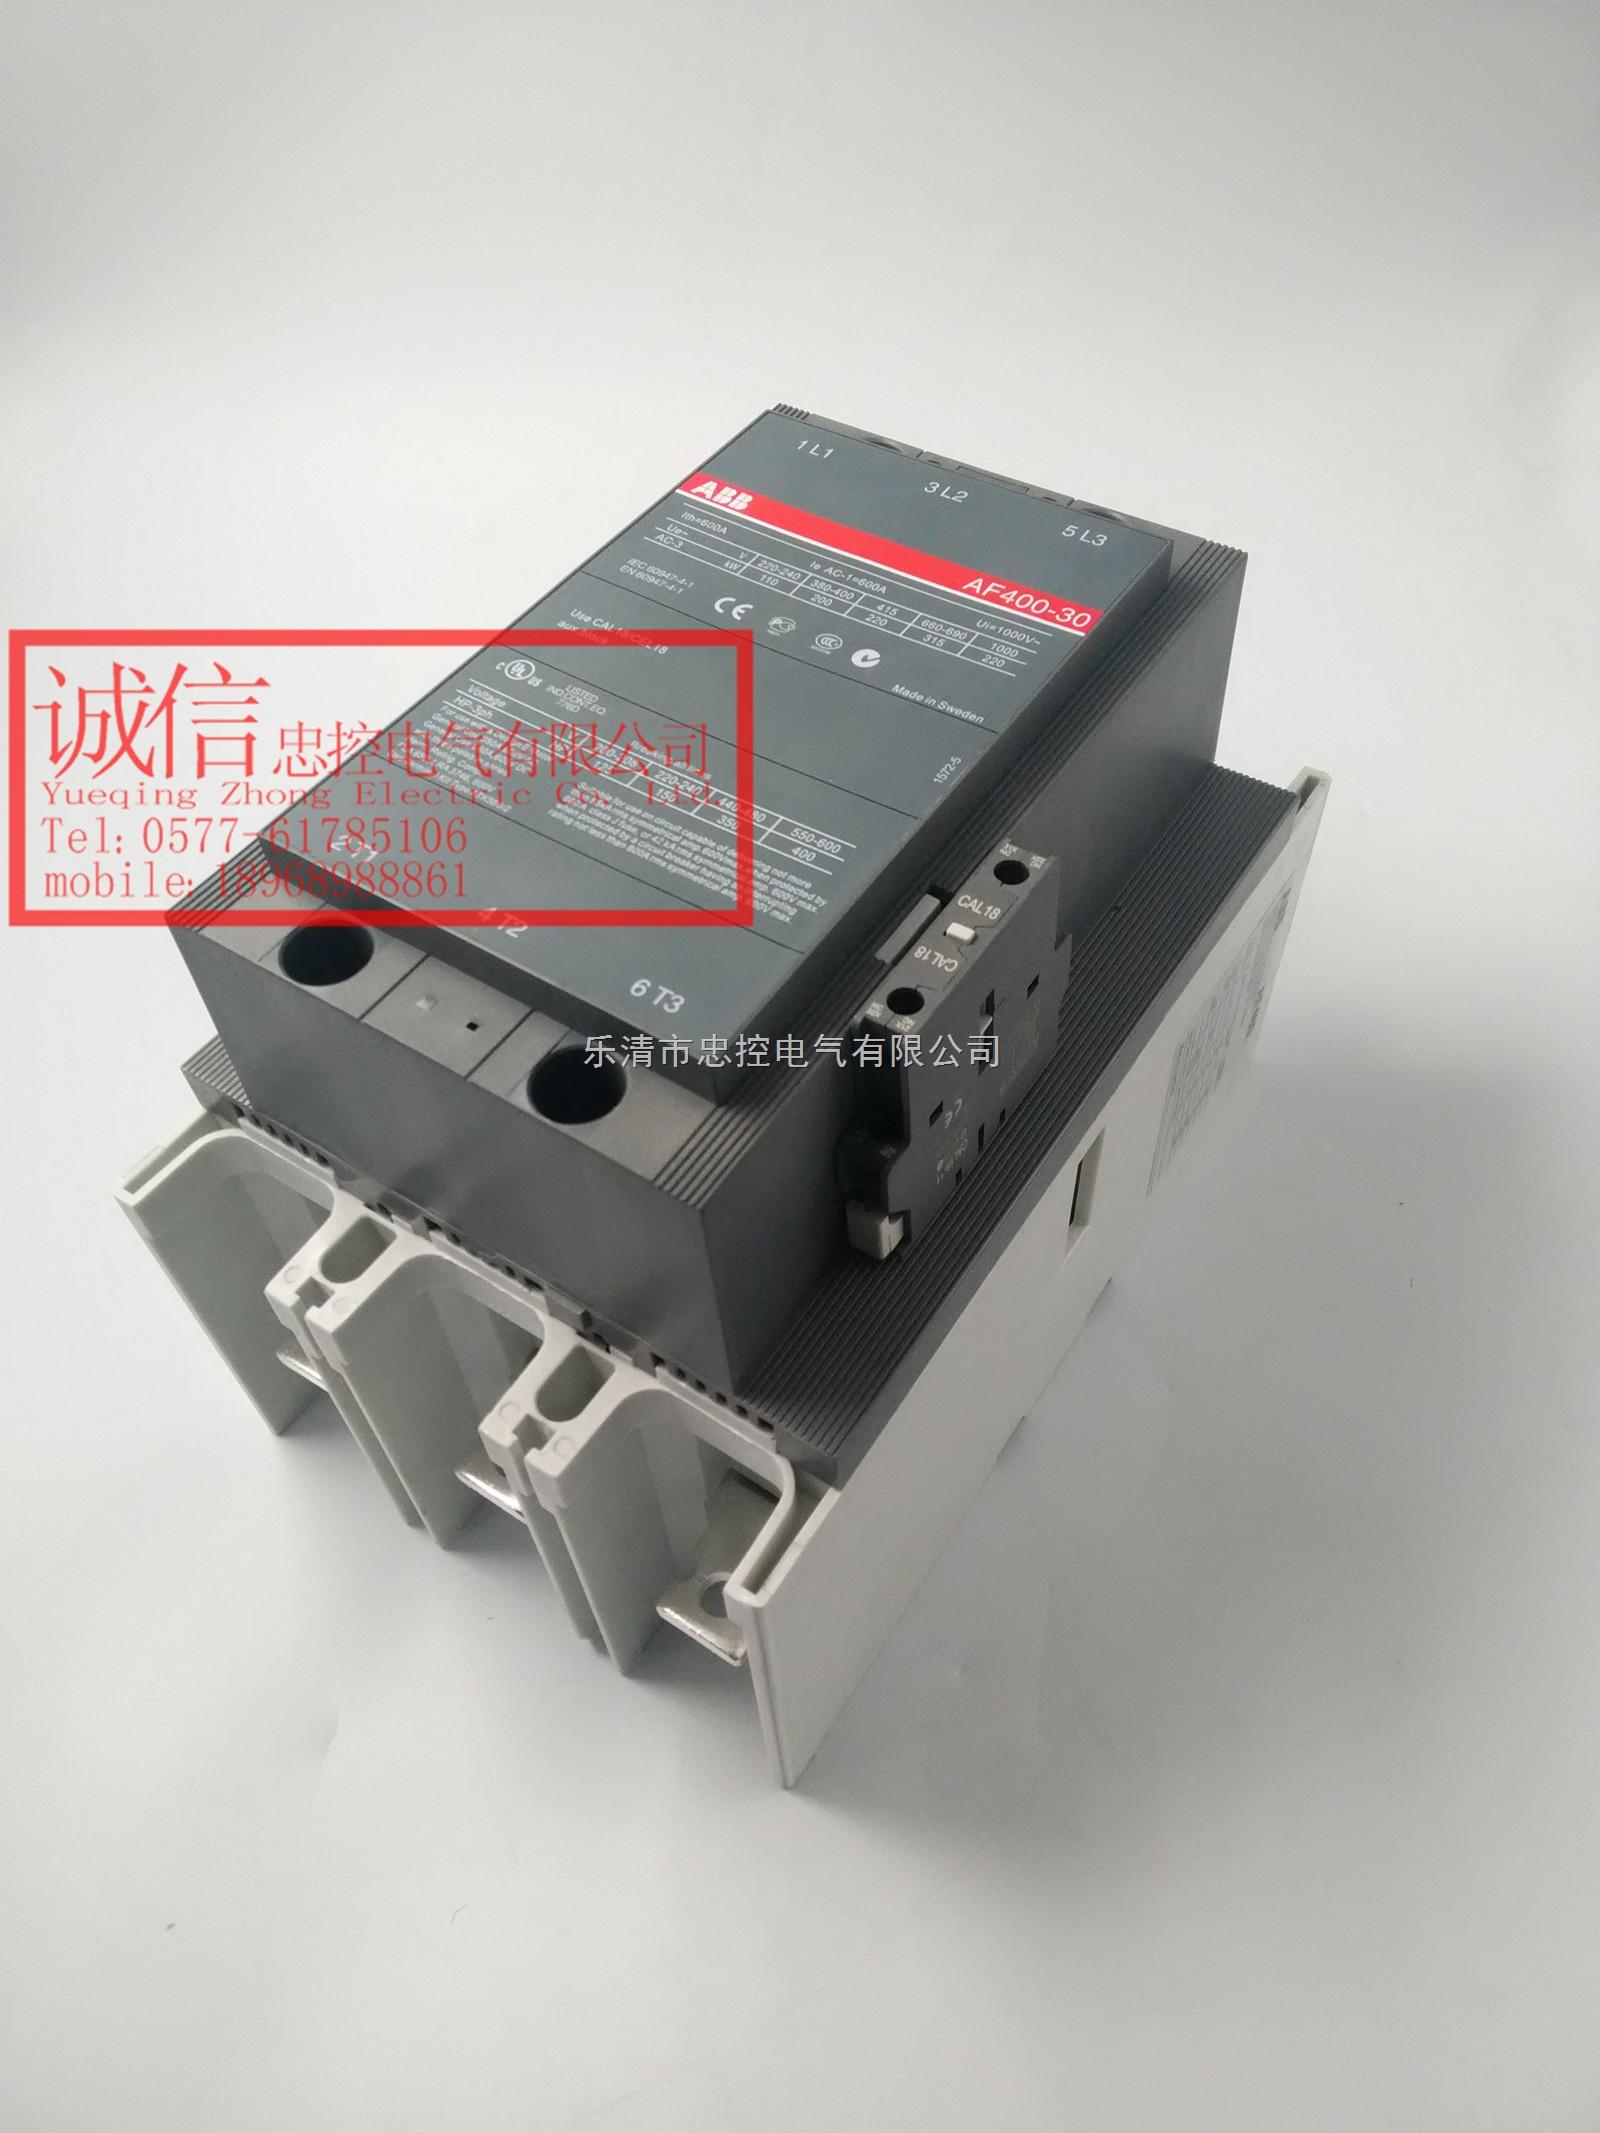 乐清市忠控电气有限公司 销售热线:0577-61785106(余) 18968988861(销售总负责) 适用范围 A9 ... A300 接触器主要用于控制三相电动机以及额定工作电压达690 V AC / 1000 V AC 或220 V DC / 600 V DC 的电力线路。并可适用于其他 应用场合,如隔离、电容器组切换、照明控制等。 AF09 .